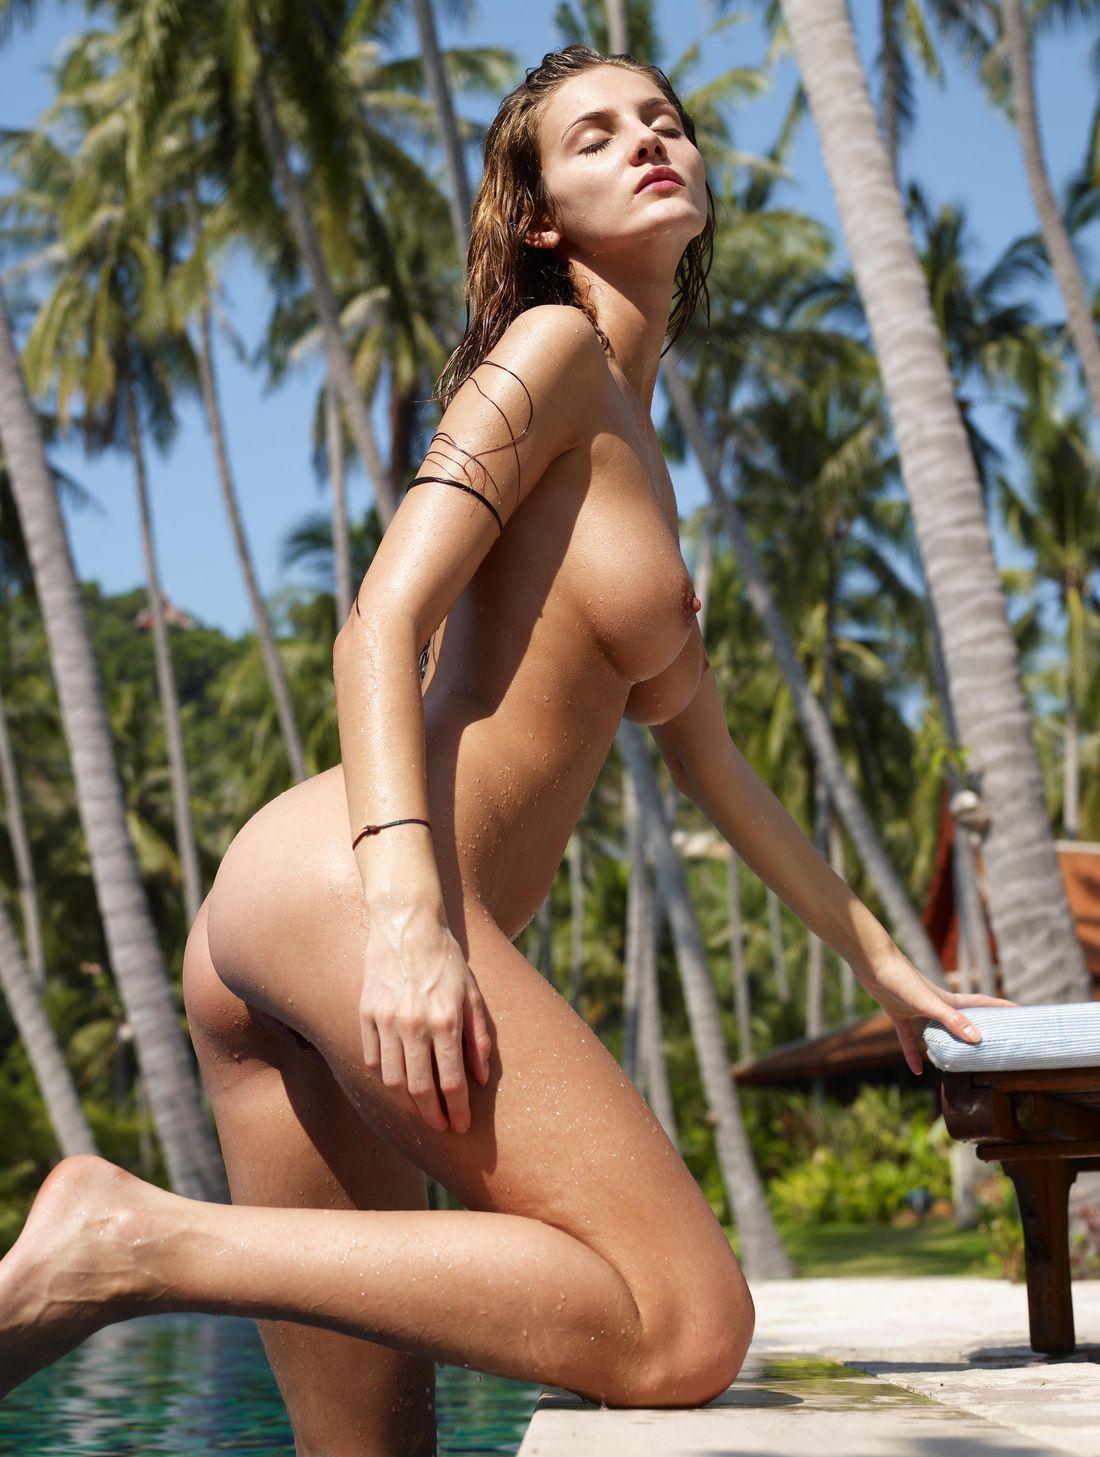 Linda church naked